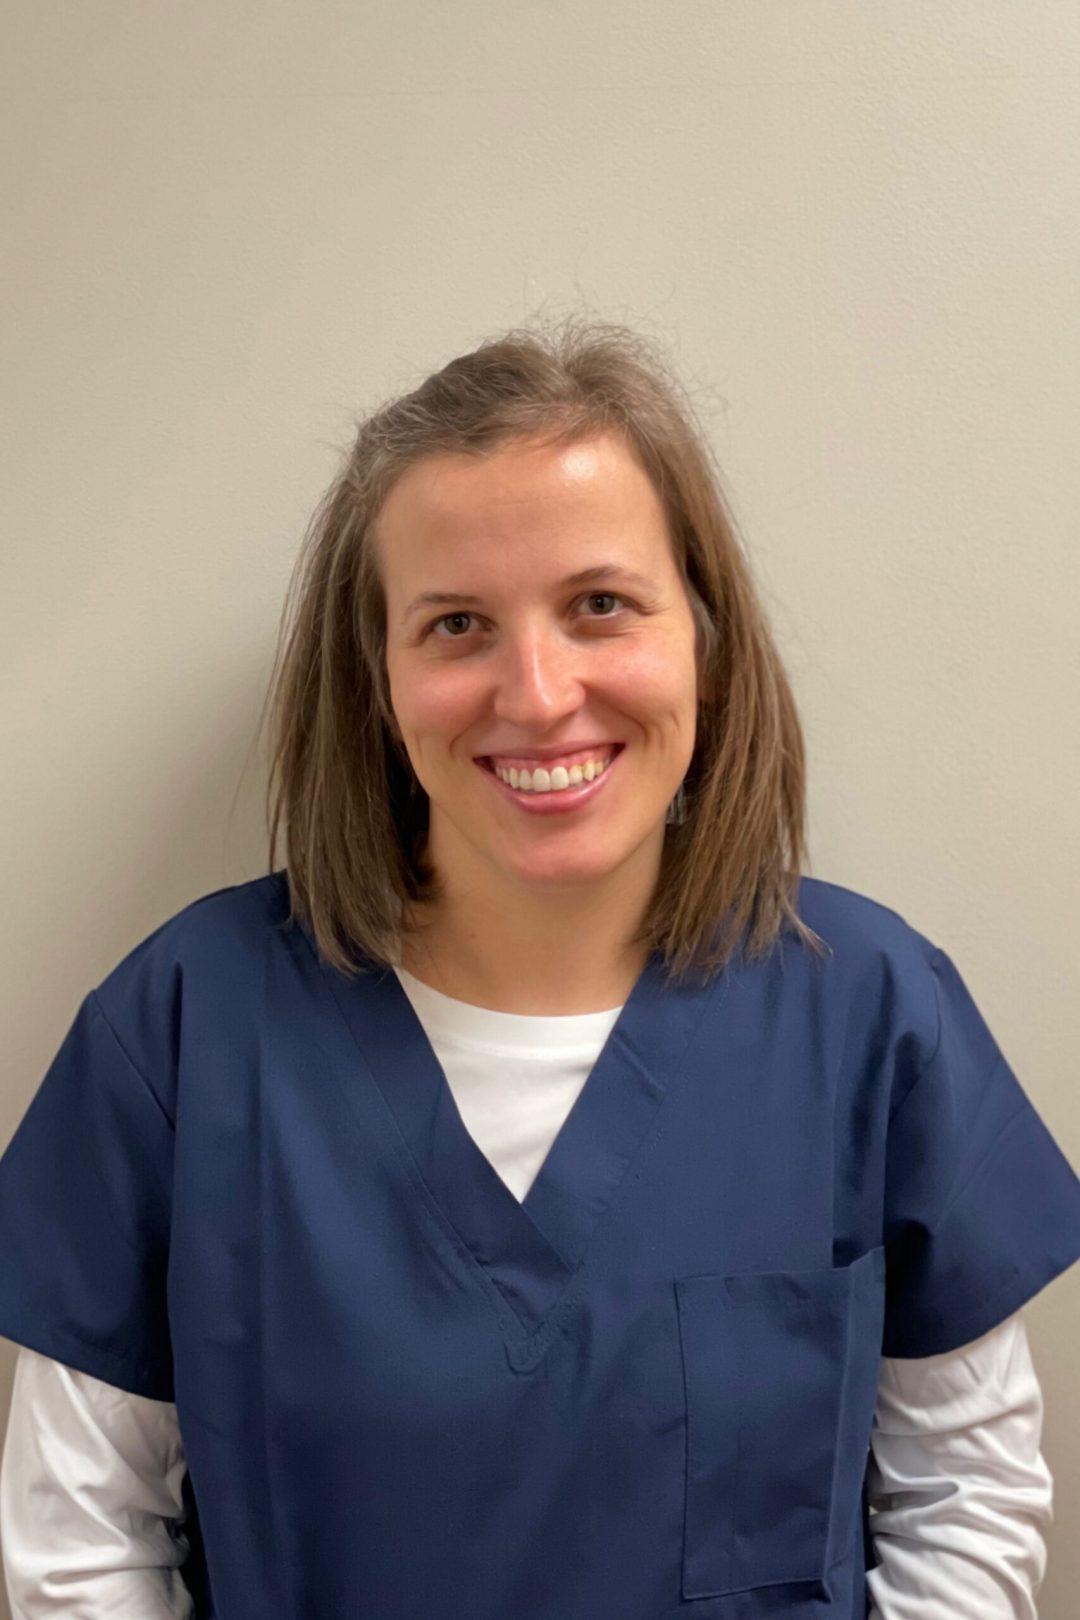 Ellen Chapman, CCC-SLP